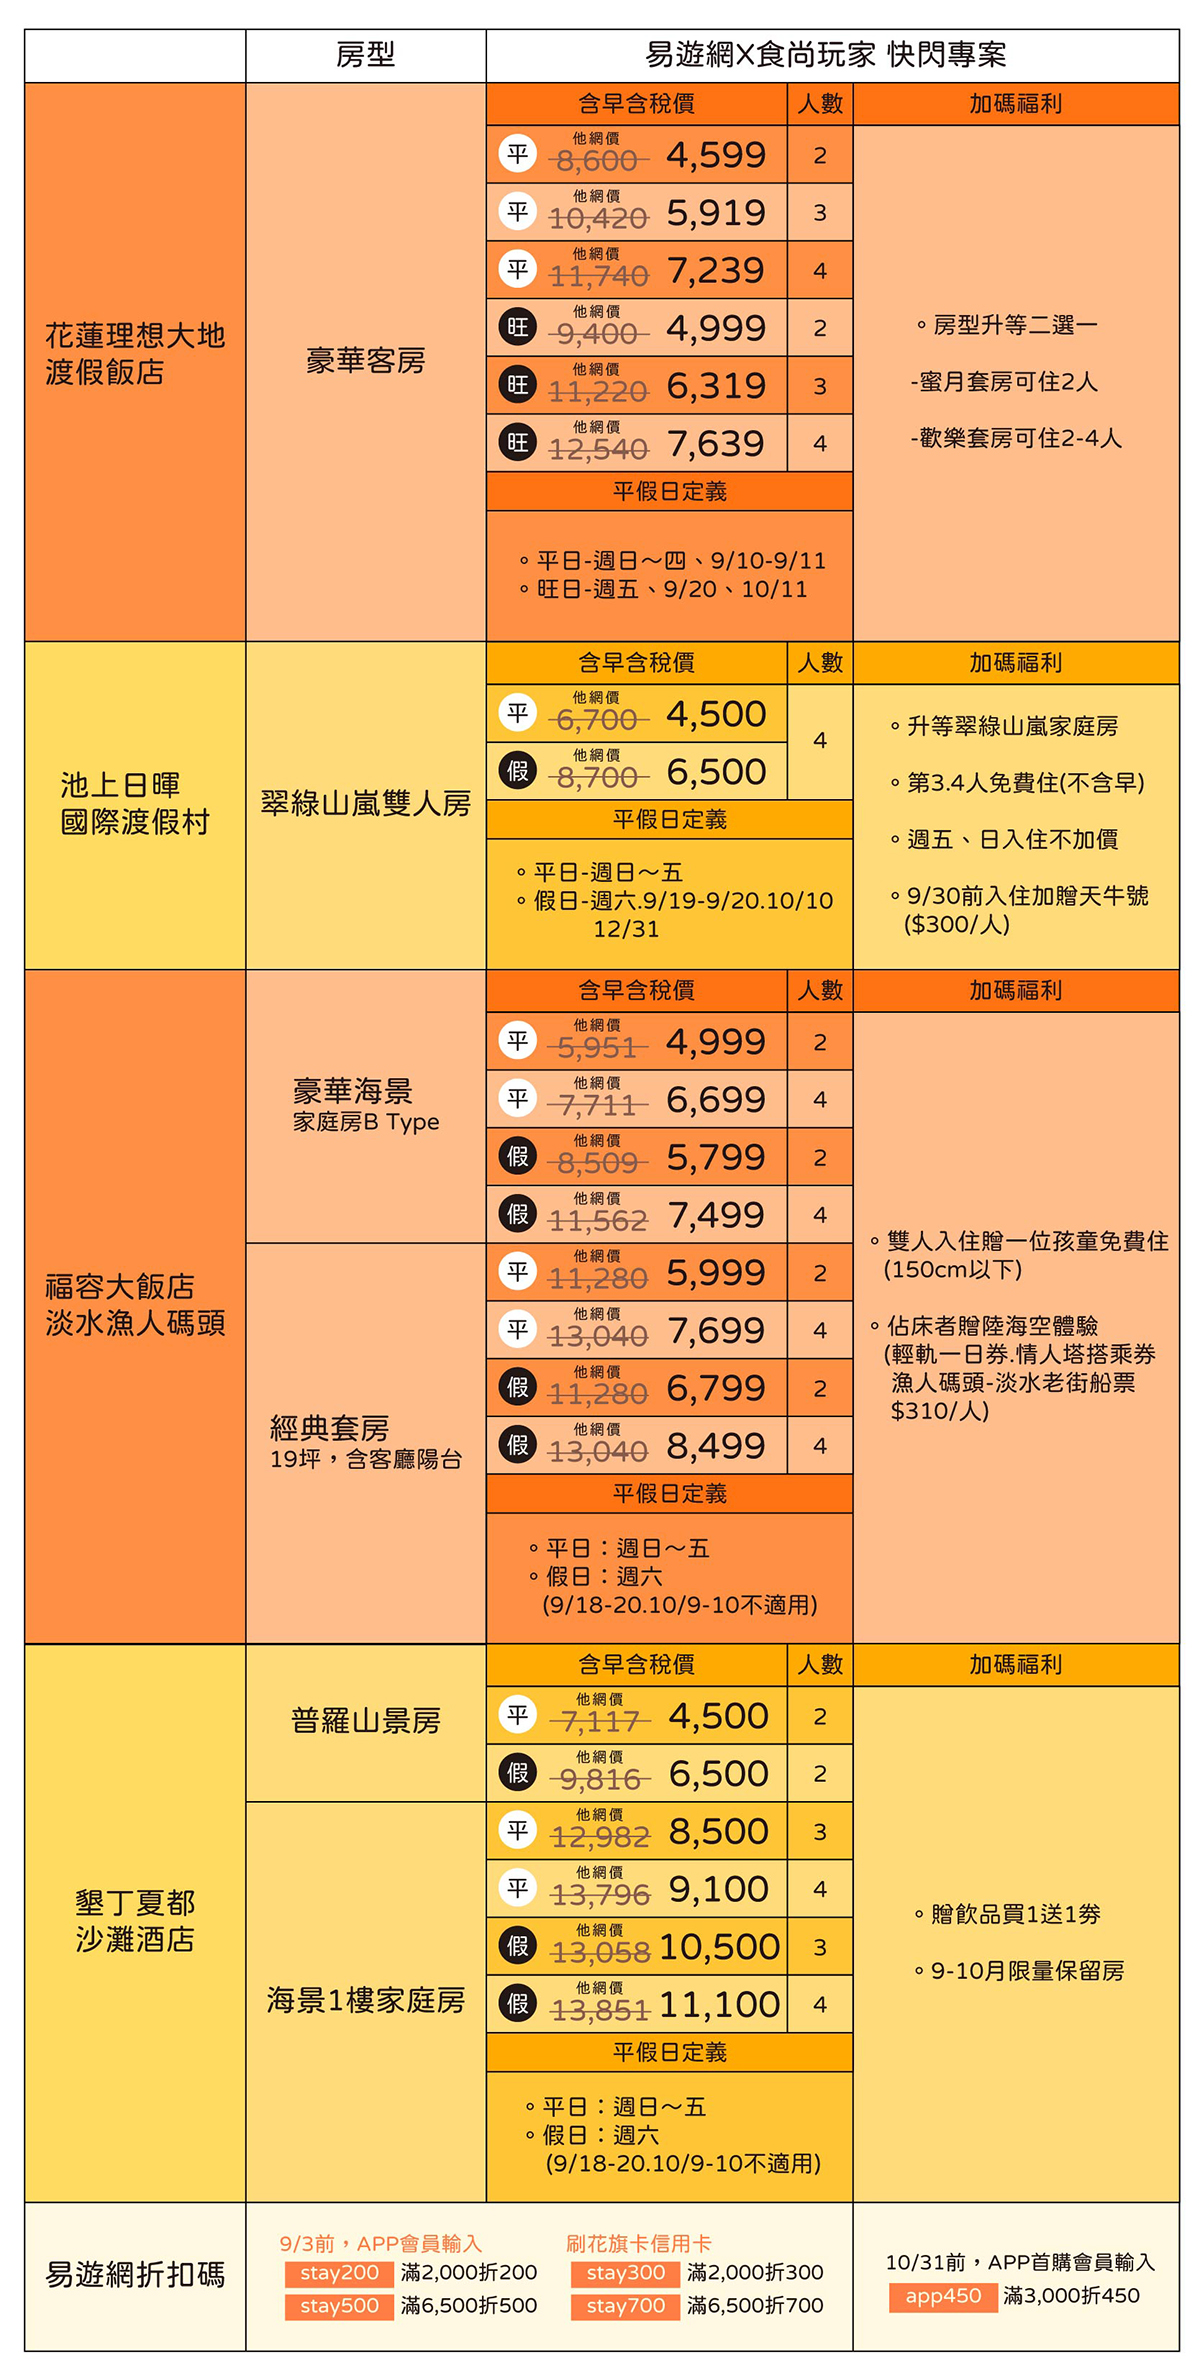 限時5天!易遊網飯店快閃團最高豪省5千,台灣最美飯店大集合挑戰市場最低價